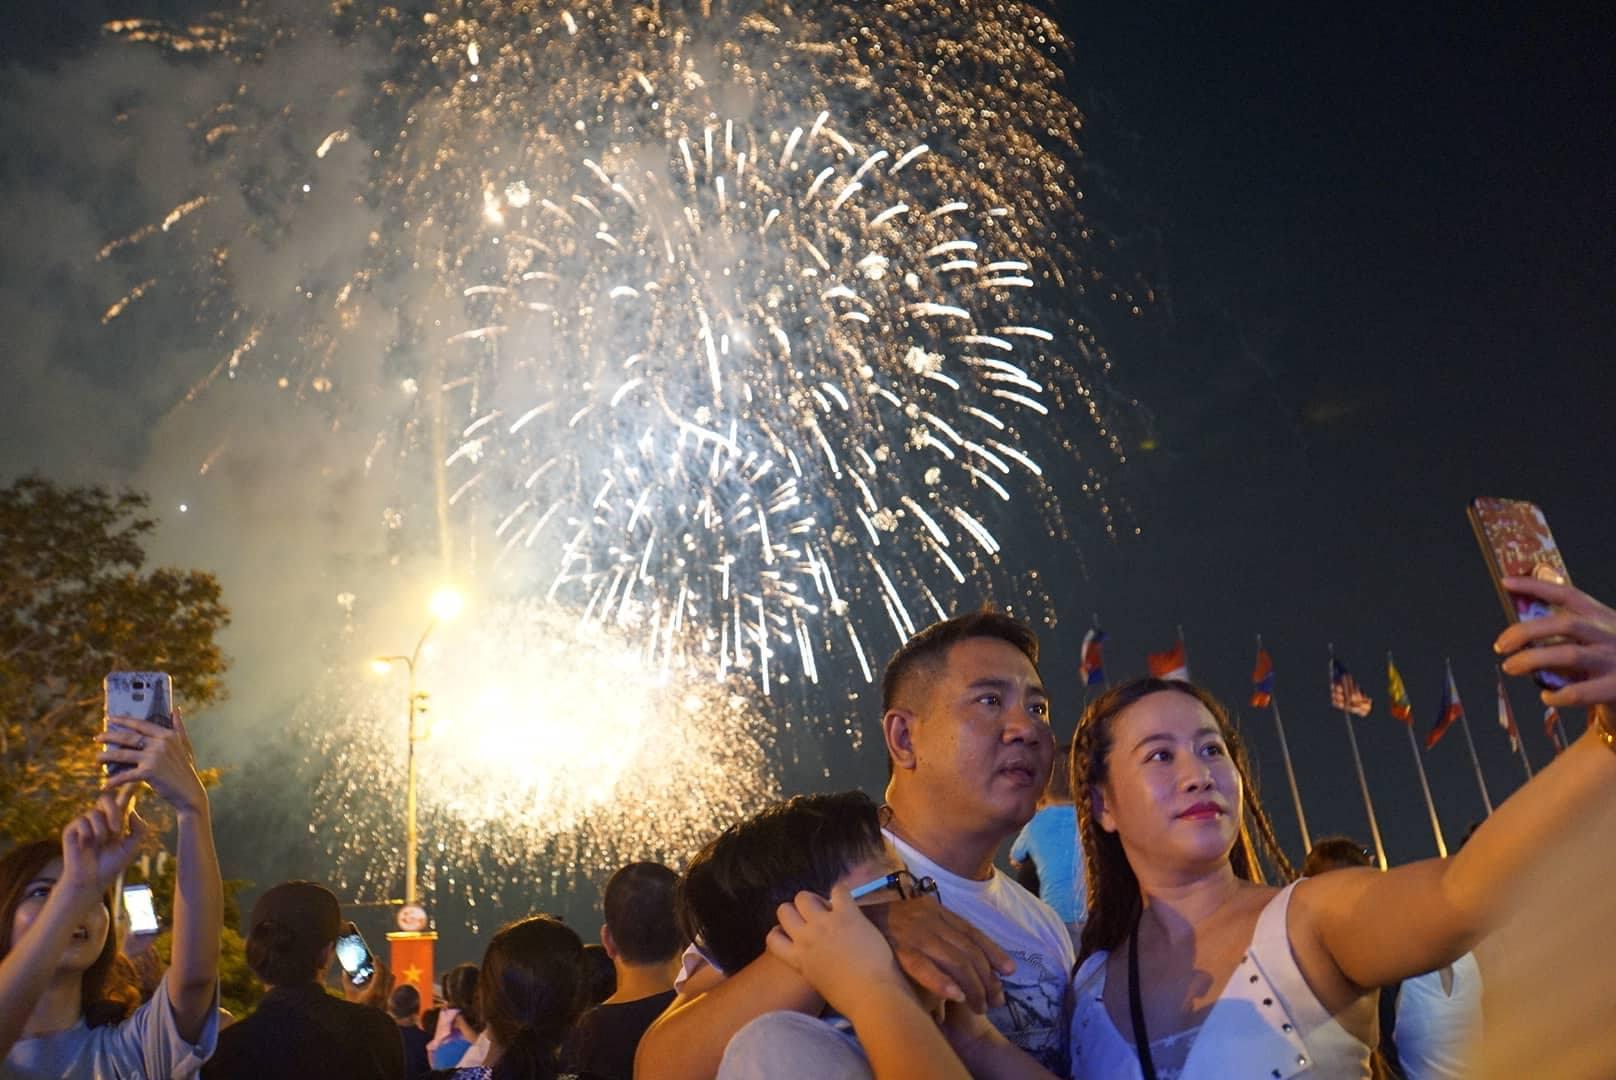 Pháo hoa rực sáng trên bầu trời Sài Gòn mừng lễ 30/4-9